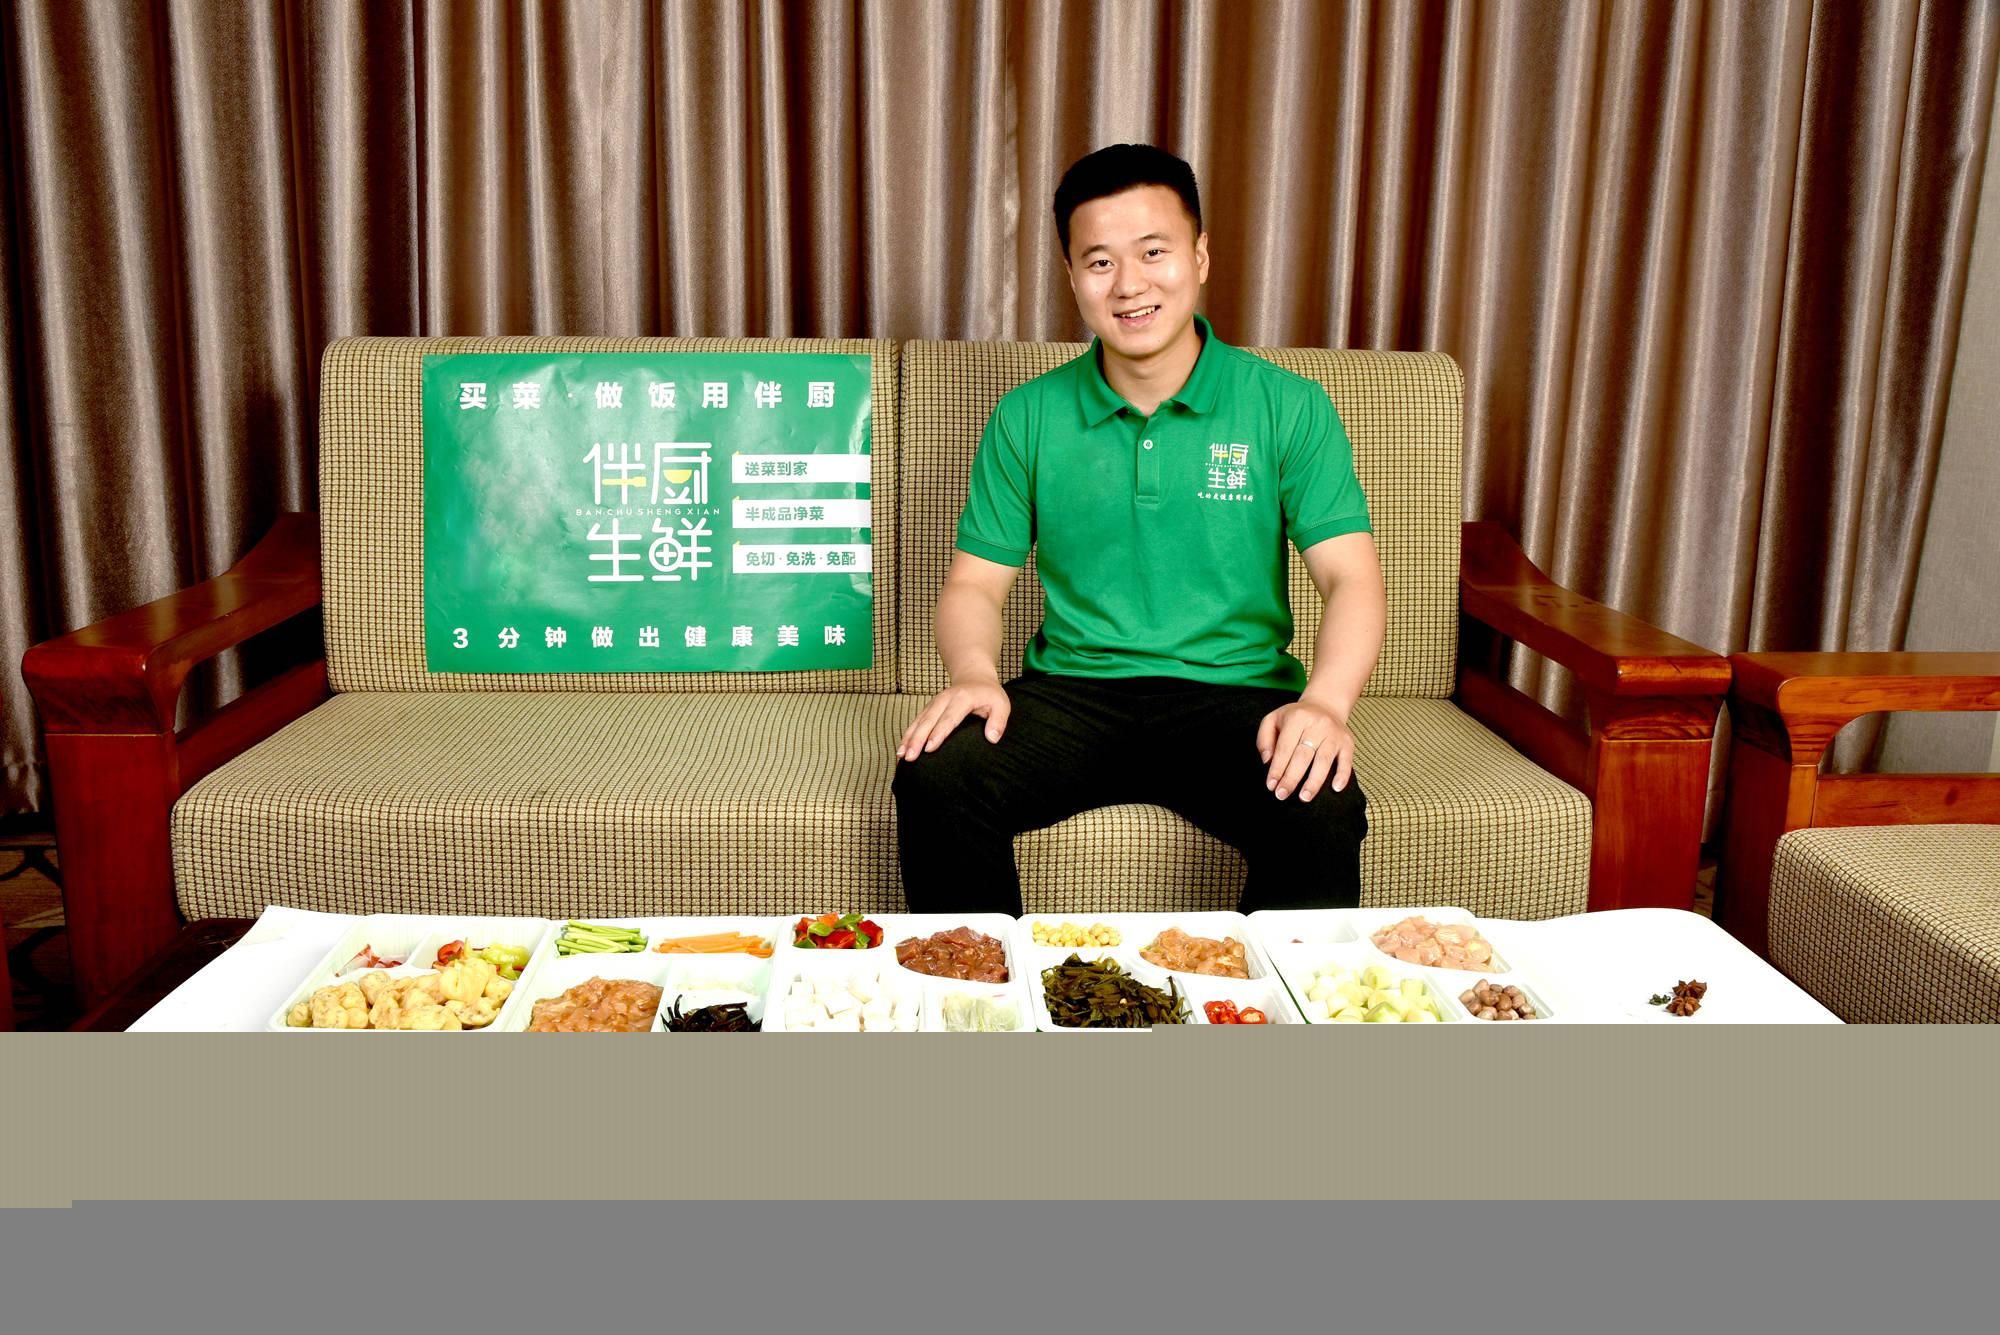 """郑州做饭用""""伴厨生鲜""""为生活带"""